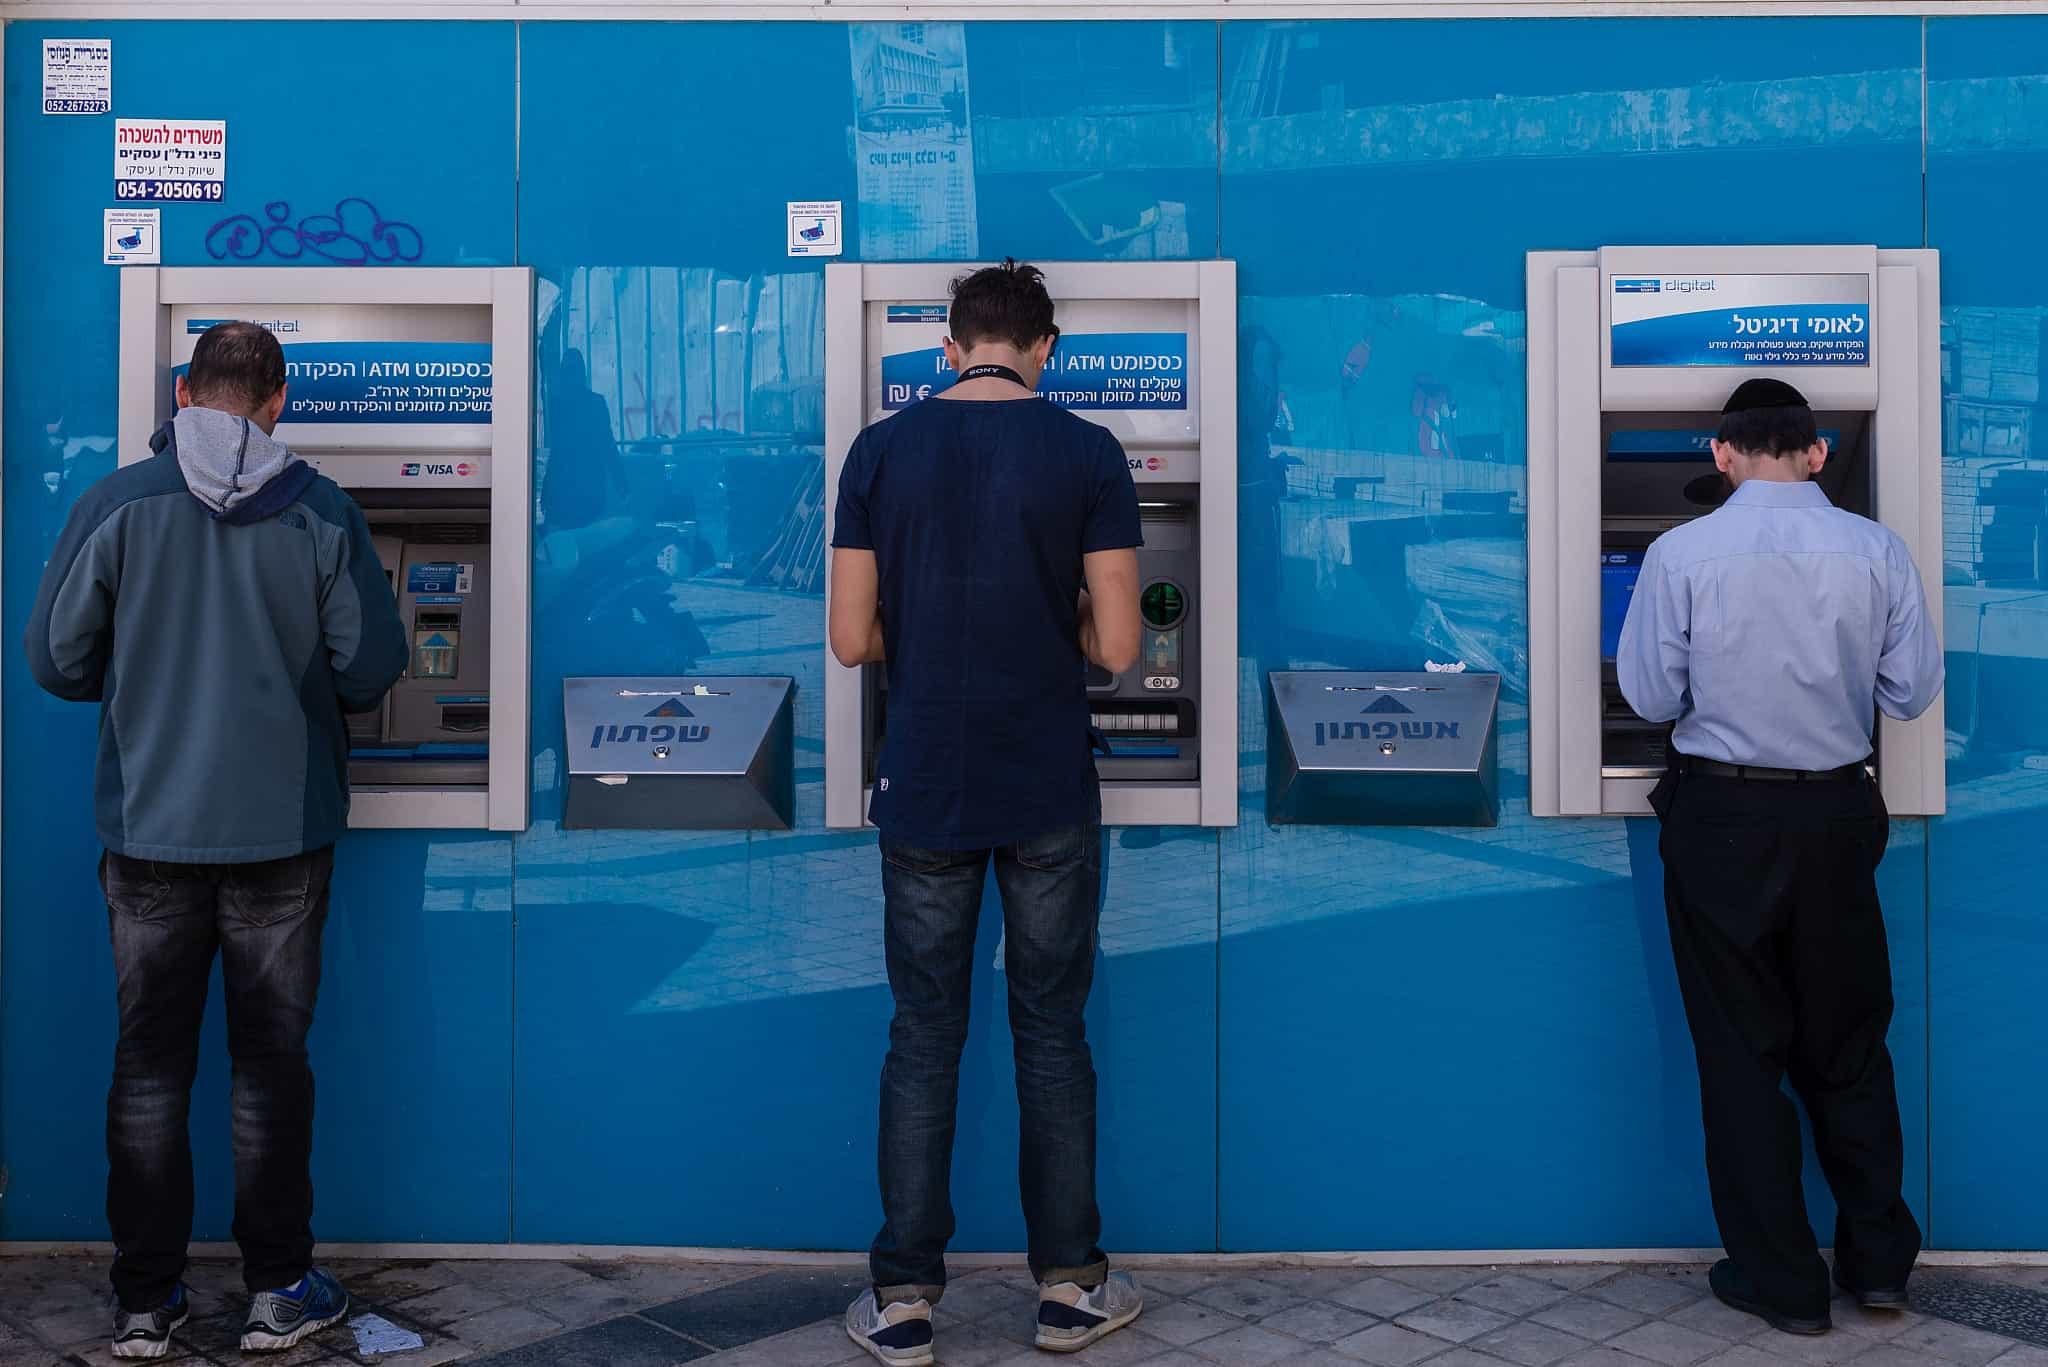 לפי סקירת בנק ישראל רק כ-285 אלף לקוחות במערכת הבנקאית, עוברים בנק בממוצע בשנה (צילום: Dario Sanchez/Flash90)